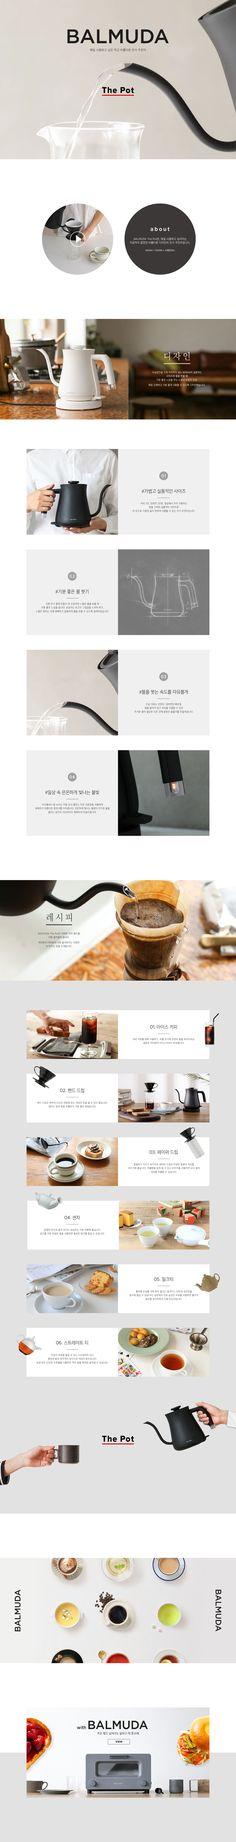 W컨셉 공식사이트, 유니크한 디자이너 브랜드 편집샵